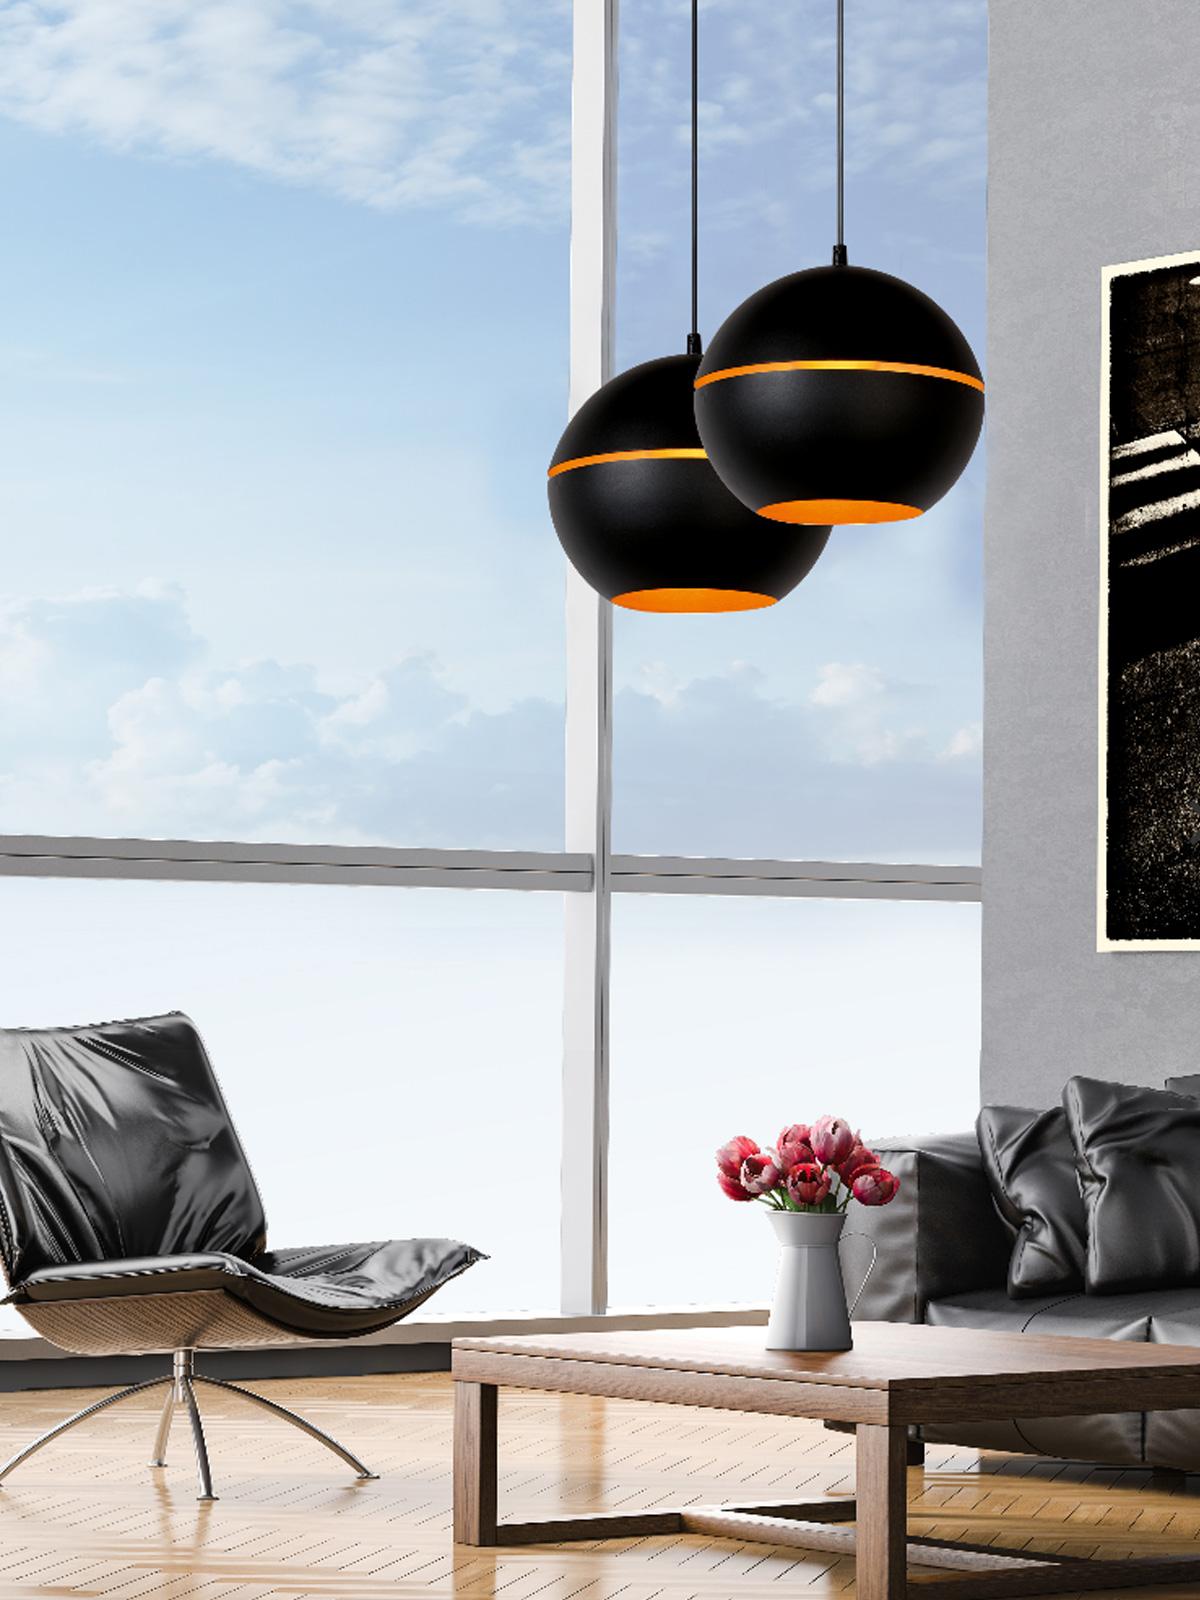 DesignOrt Blog: Die Designwelt von Lucide schwarz goldene Pendelleuchte Binari